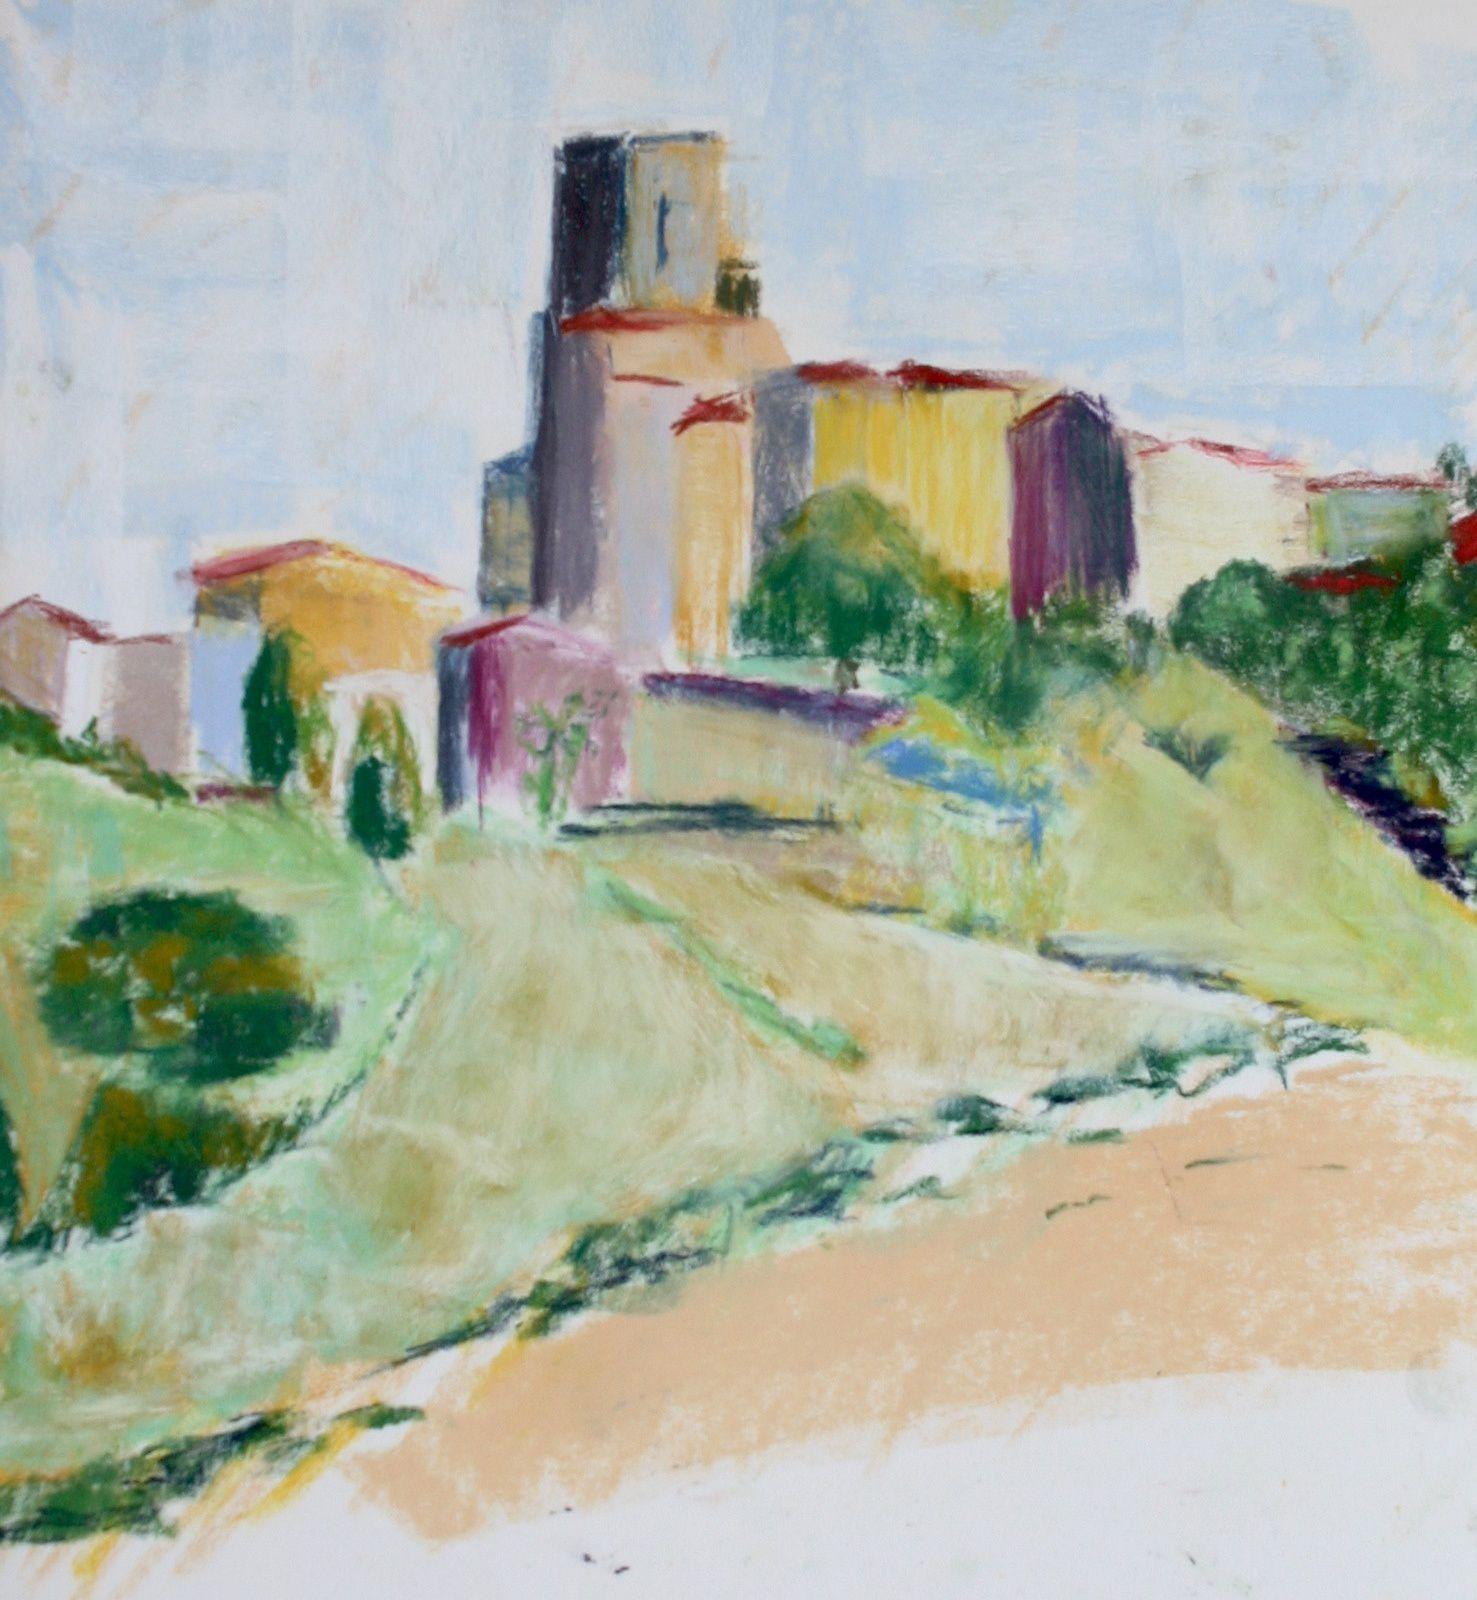 Recherche autour du paysage, pastel gras et sec, huile, acrylique, aquarelle, encre